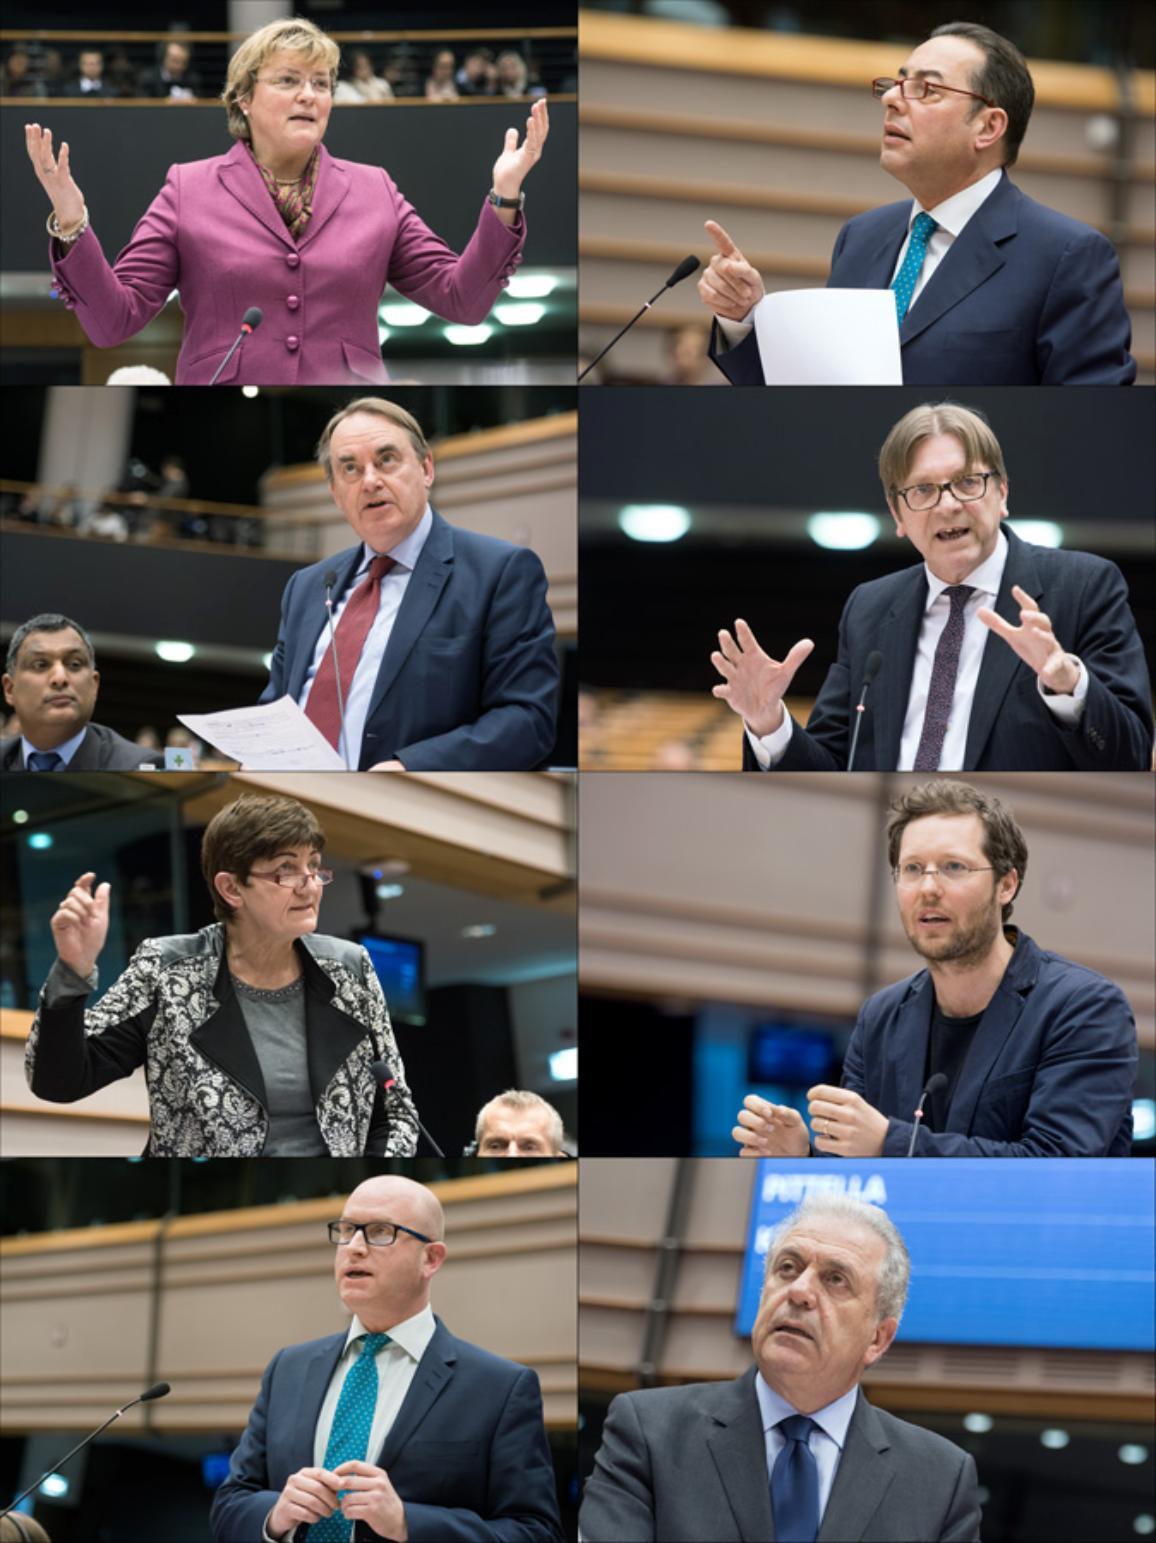 Posłowie przemawiają podczas debaty. Od lewej:  M. Hohlmeier (EPP, DE), G. Pittella (S&D, IT), T. Kirkhope (ECR, UK), G. Verhofstadt (ALDE, BE), C. Ernst (GUE/NGL, DE), J. P. Albrecht (Greens/EFA, DE), P. Nuttall (EFDD, UK), E. Synadinos (N.A.EL)